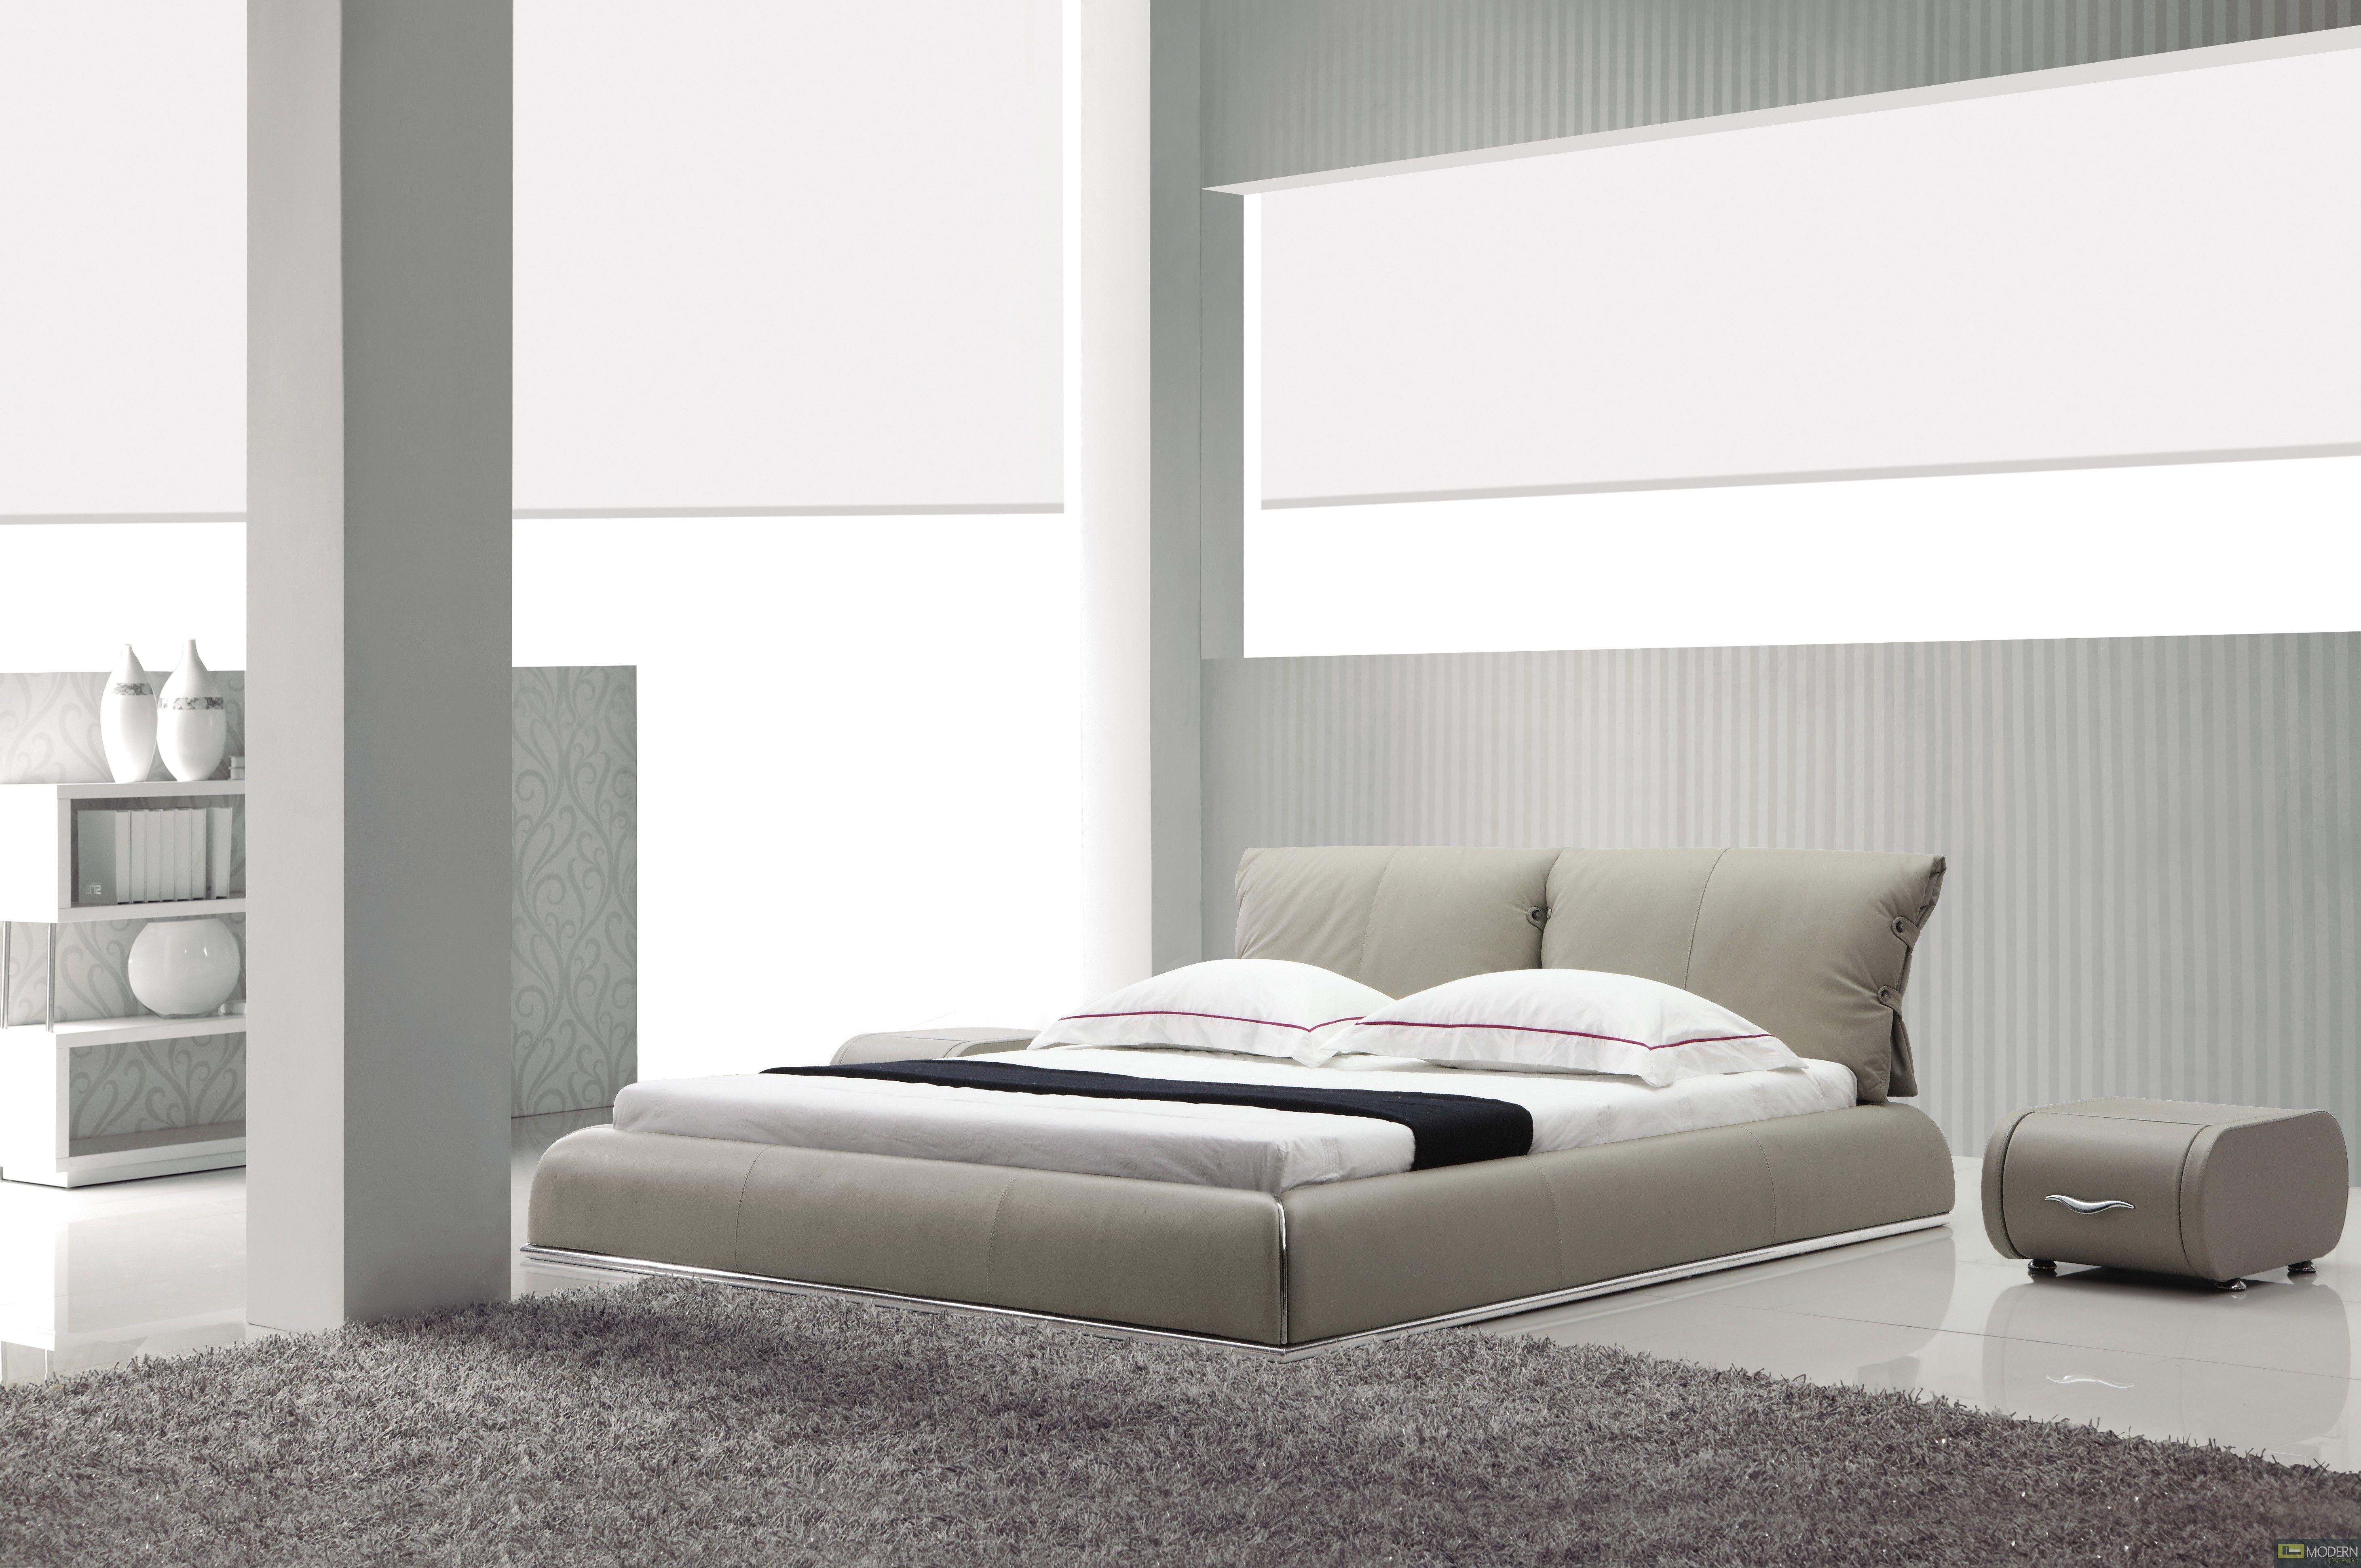 Modernen Zeitgenössischen Plattform Betten Bett ideen